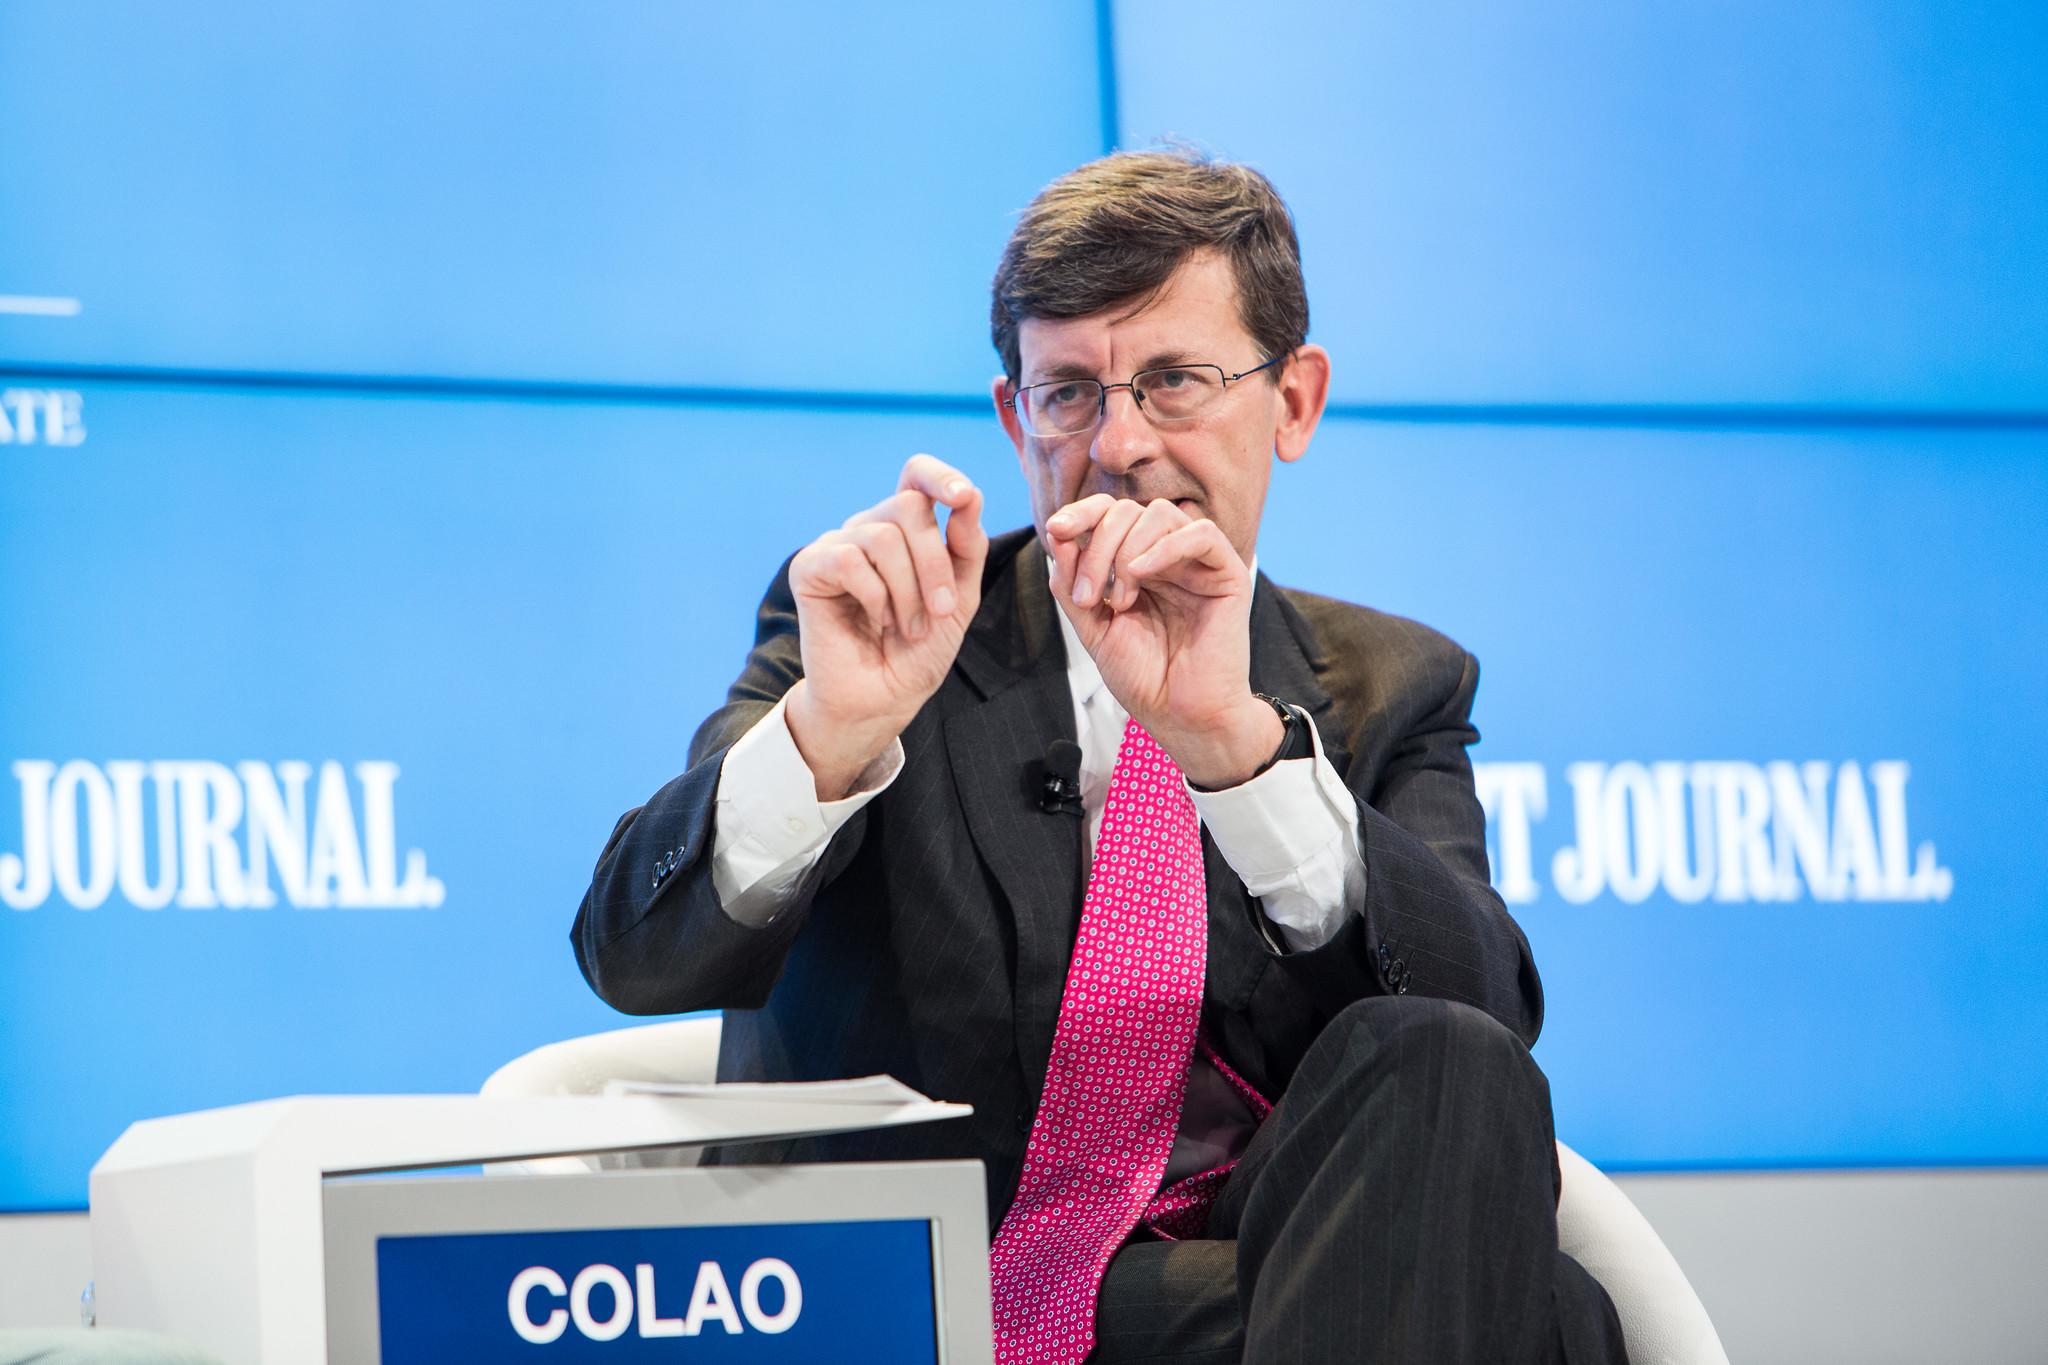 維托里奧·科勞(Vittorio Colao),信息通信技術,數字,雲和網絡防禦創新部長的所有想法